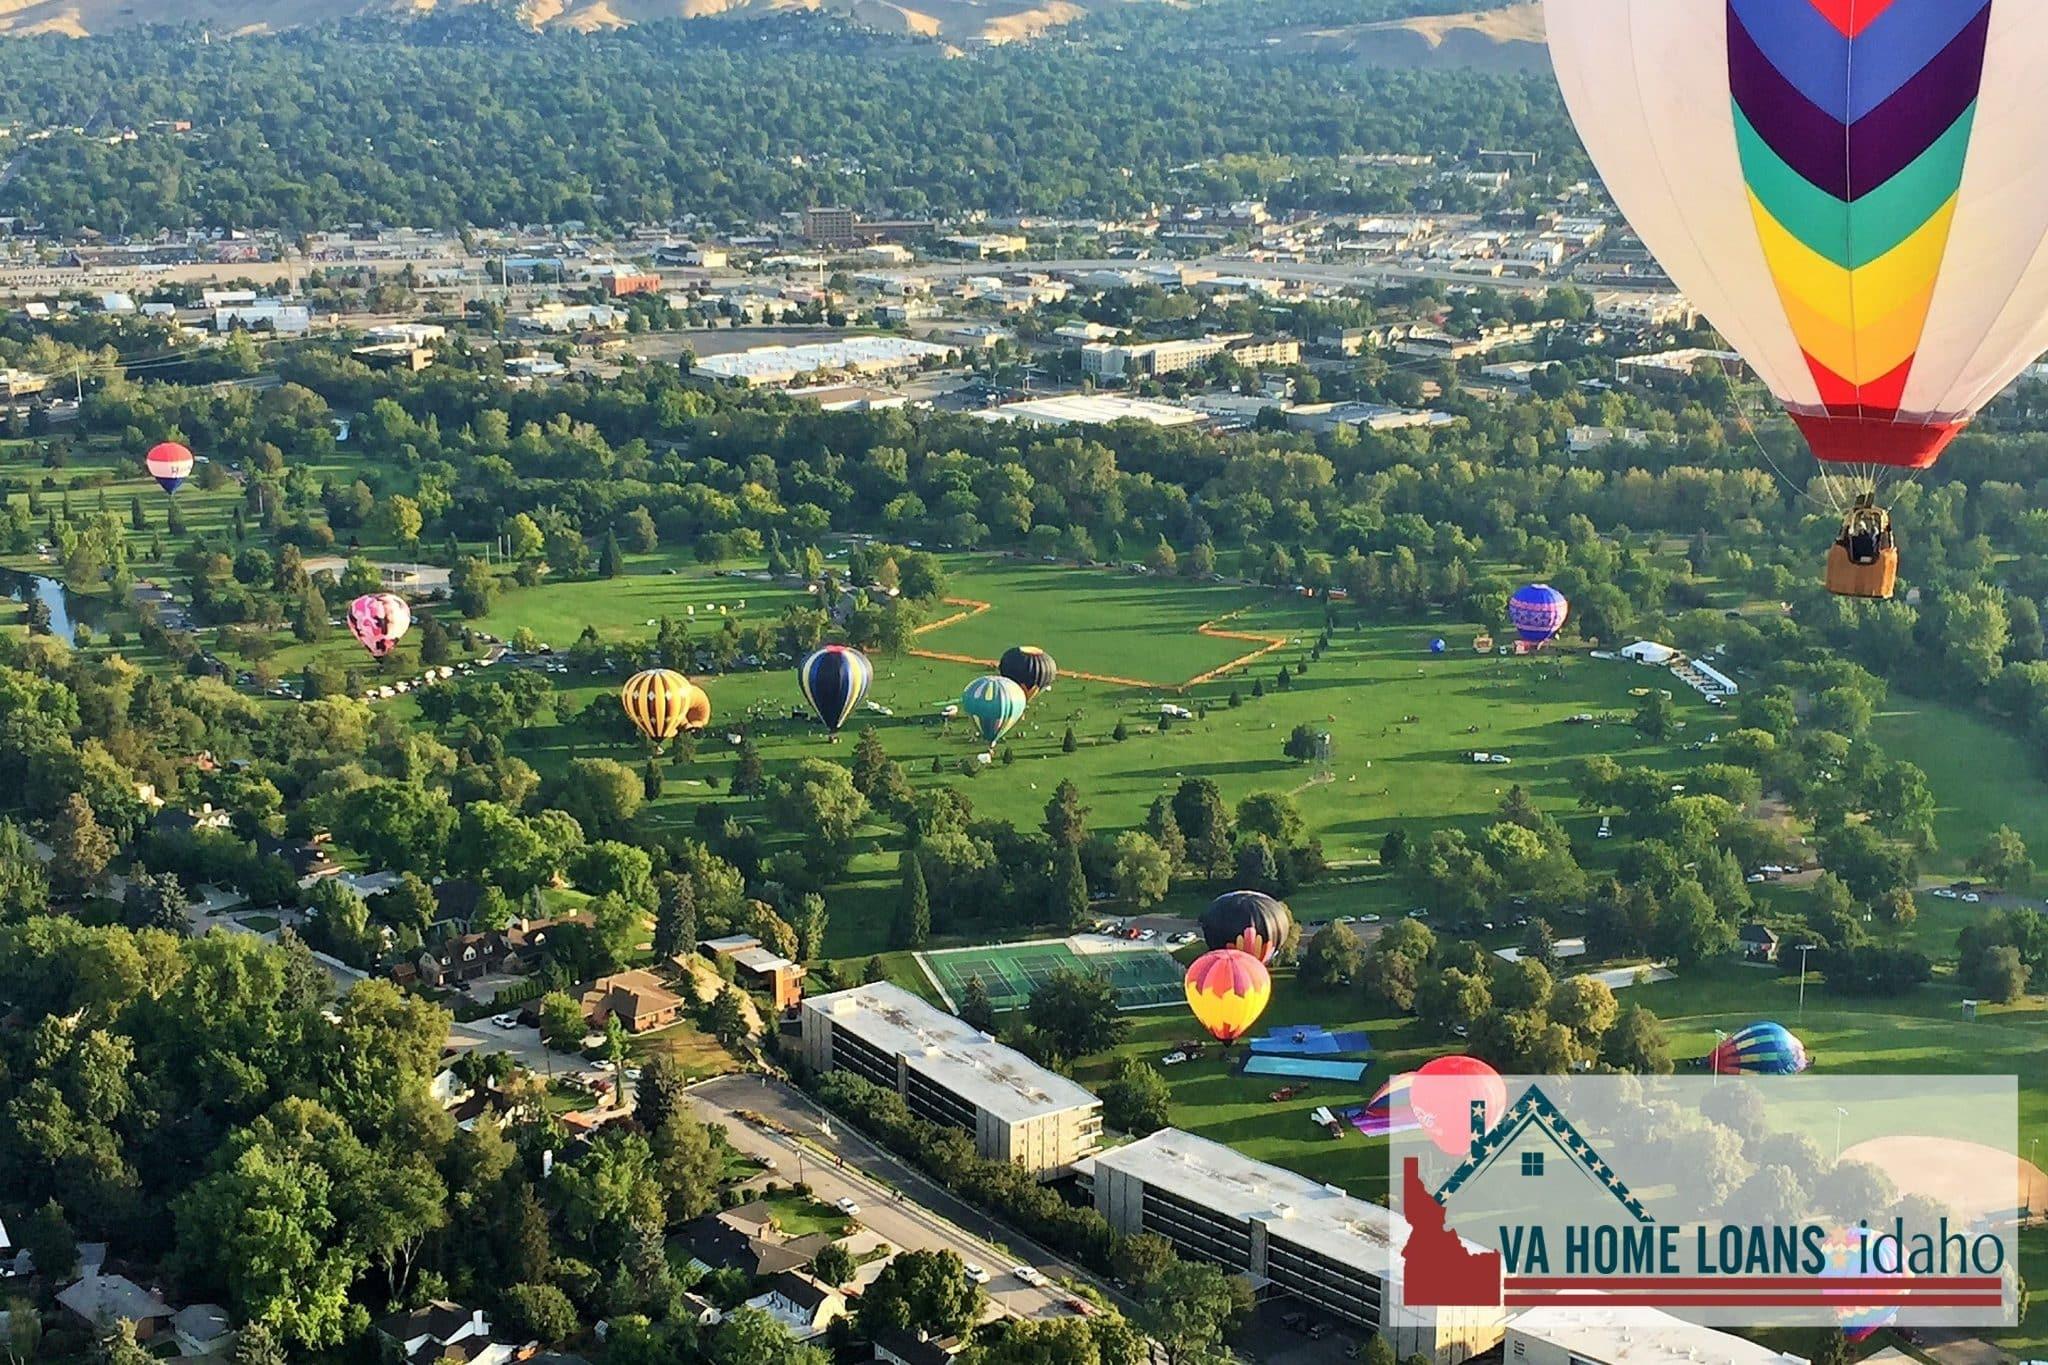 Hot air balloons landing in Ann Morrison park in Boise